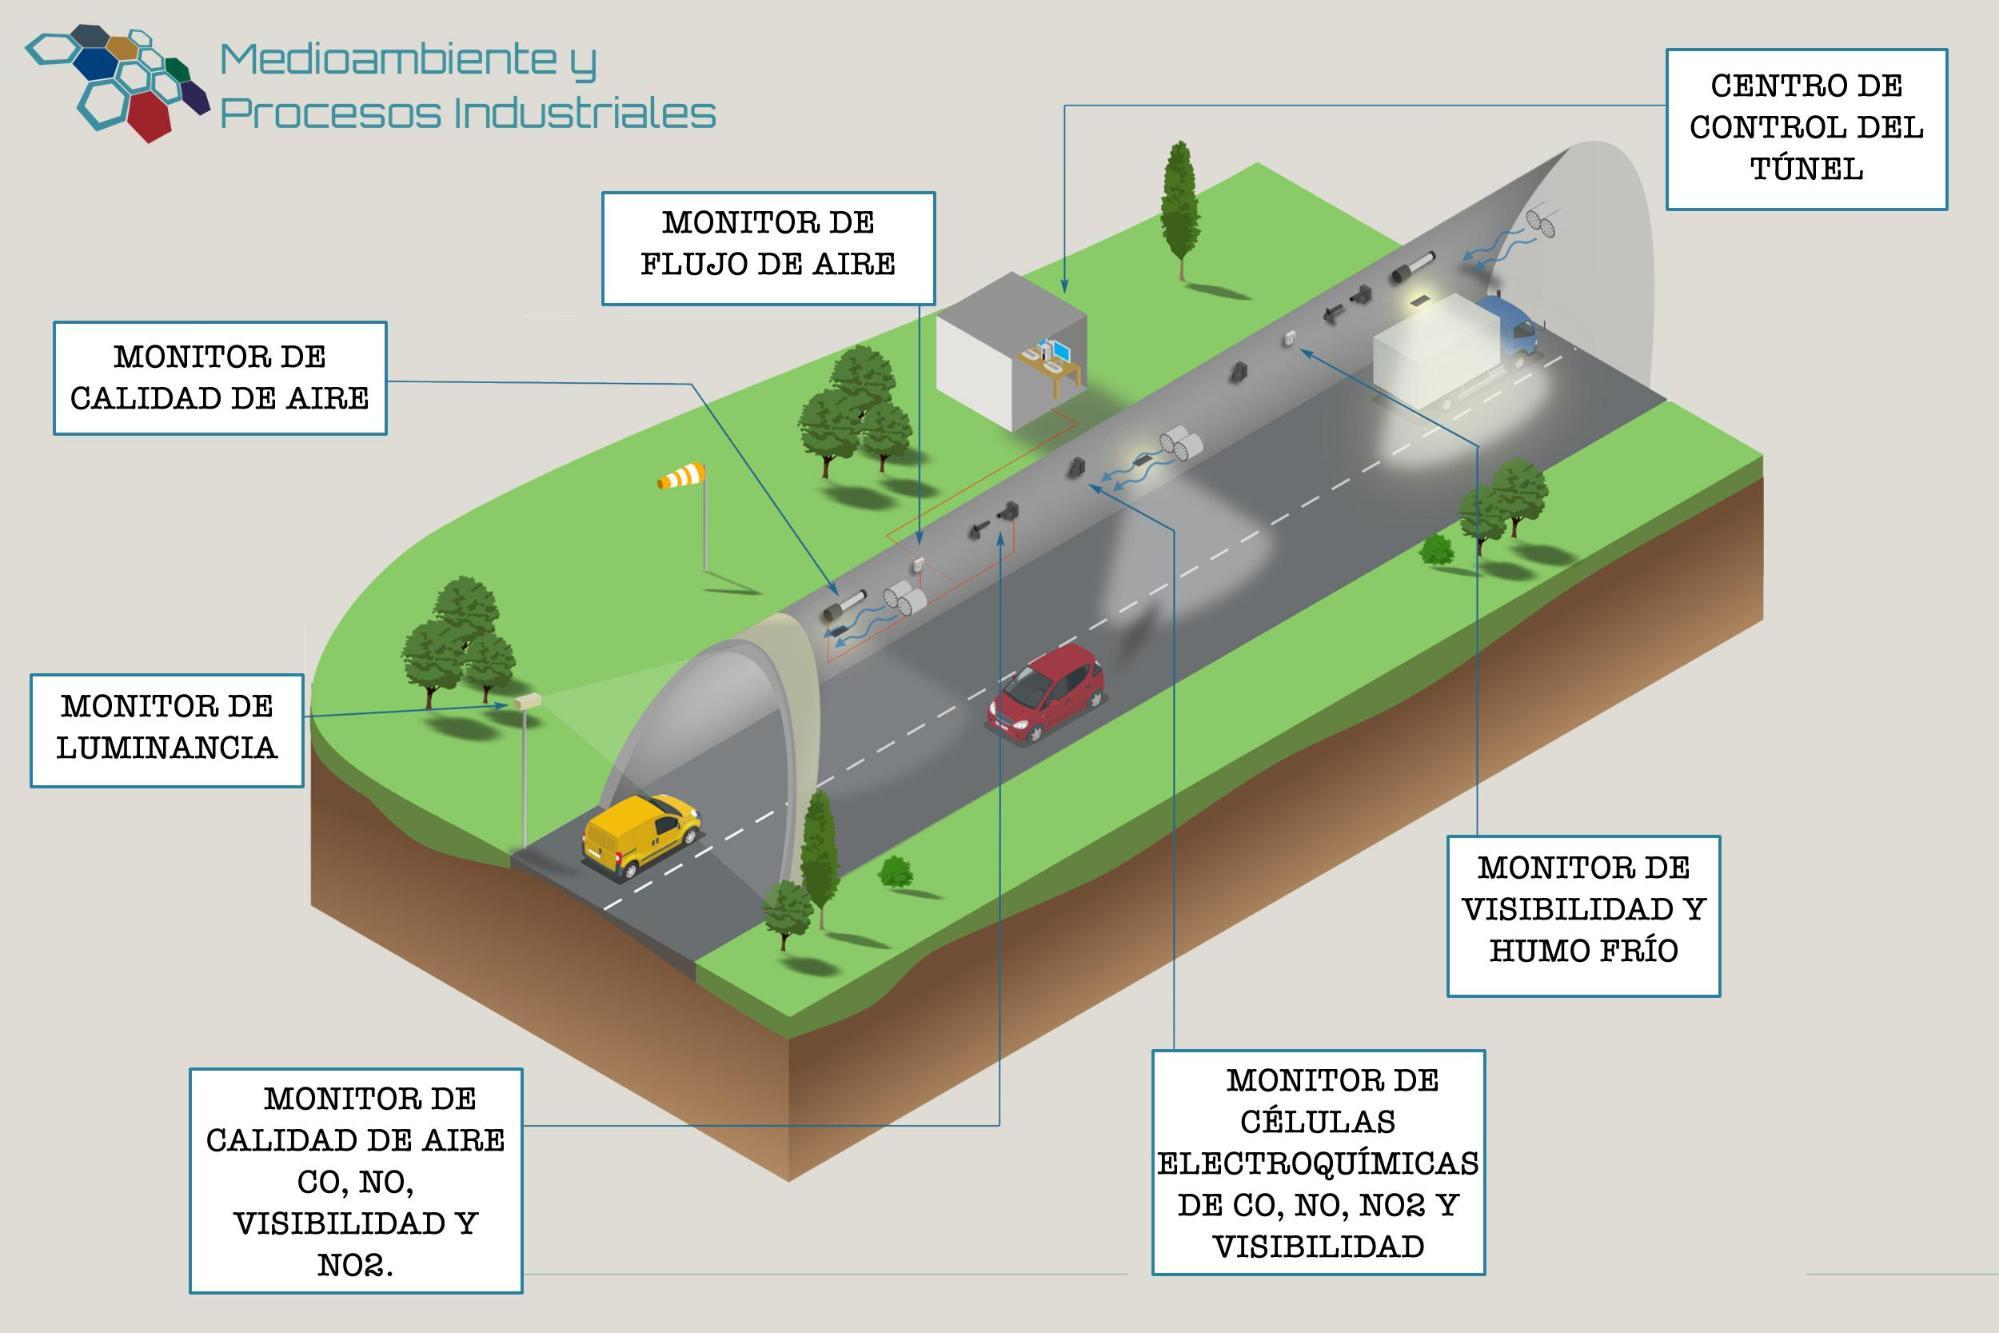 Sistema-de-monitoreo-y-control-de-tuneles